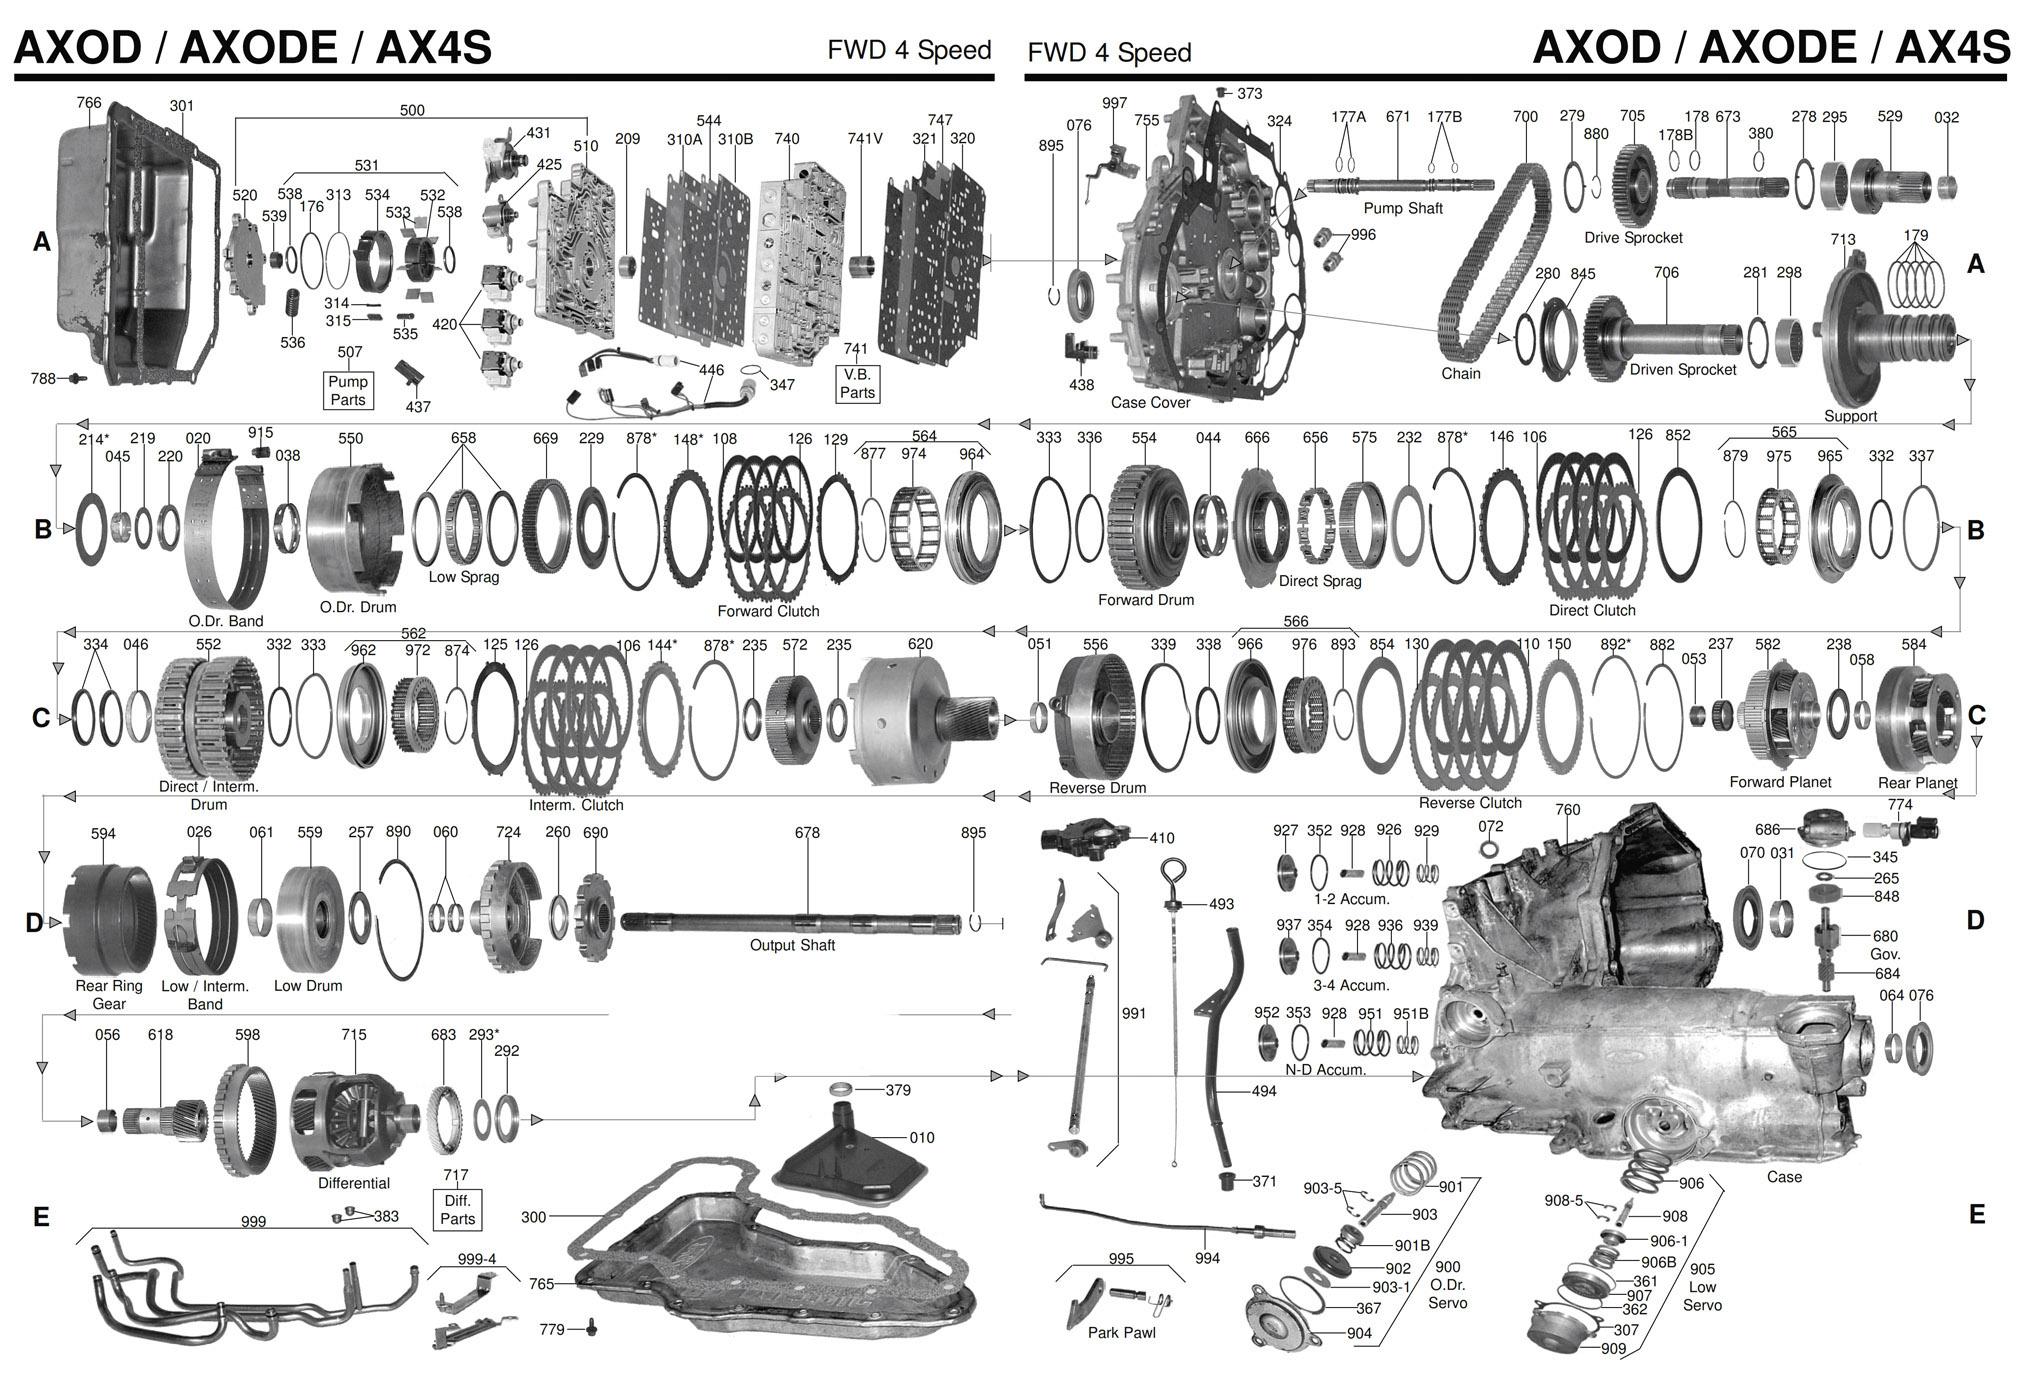 AXOD / AXOD-E / AX4S АКПП